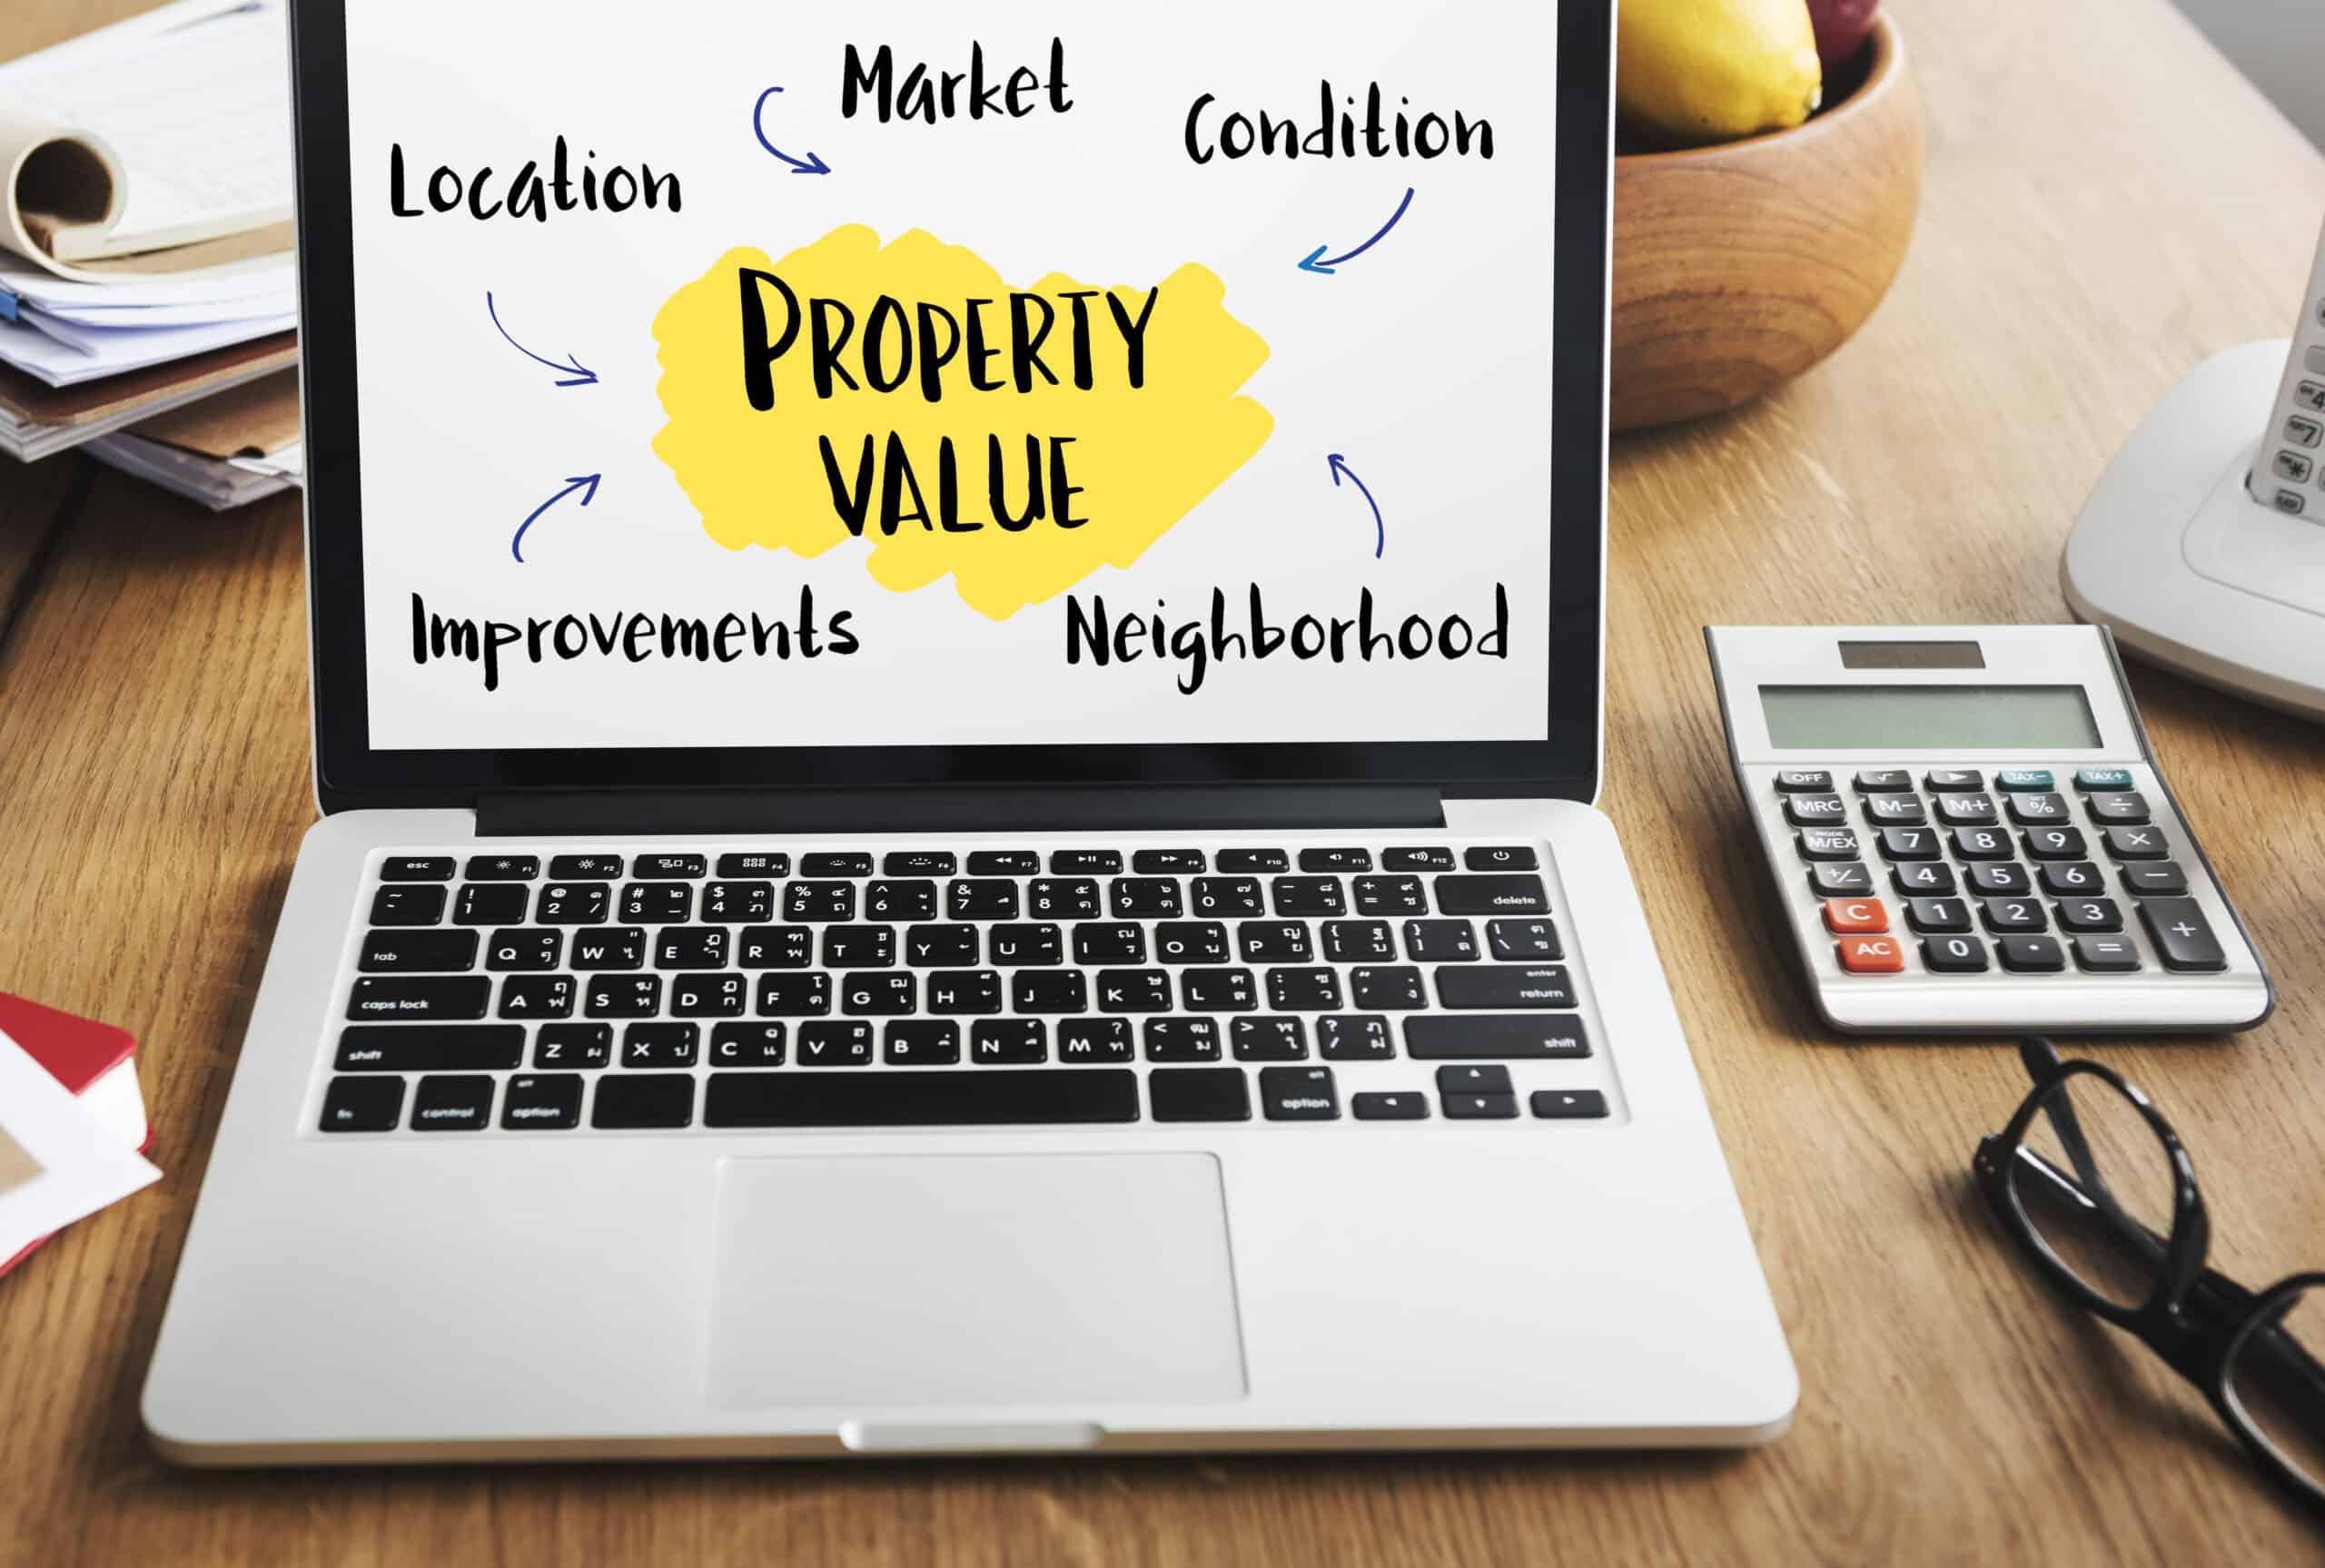 Ways We Value Property